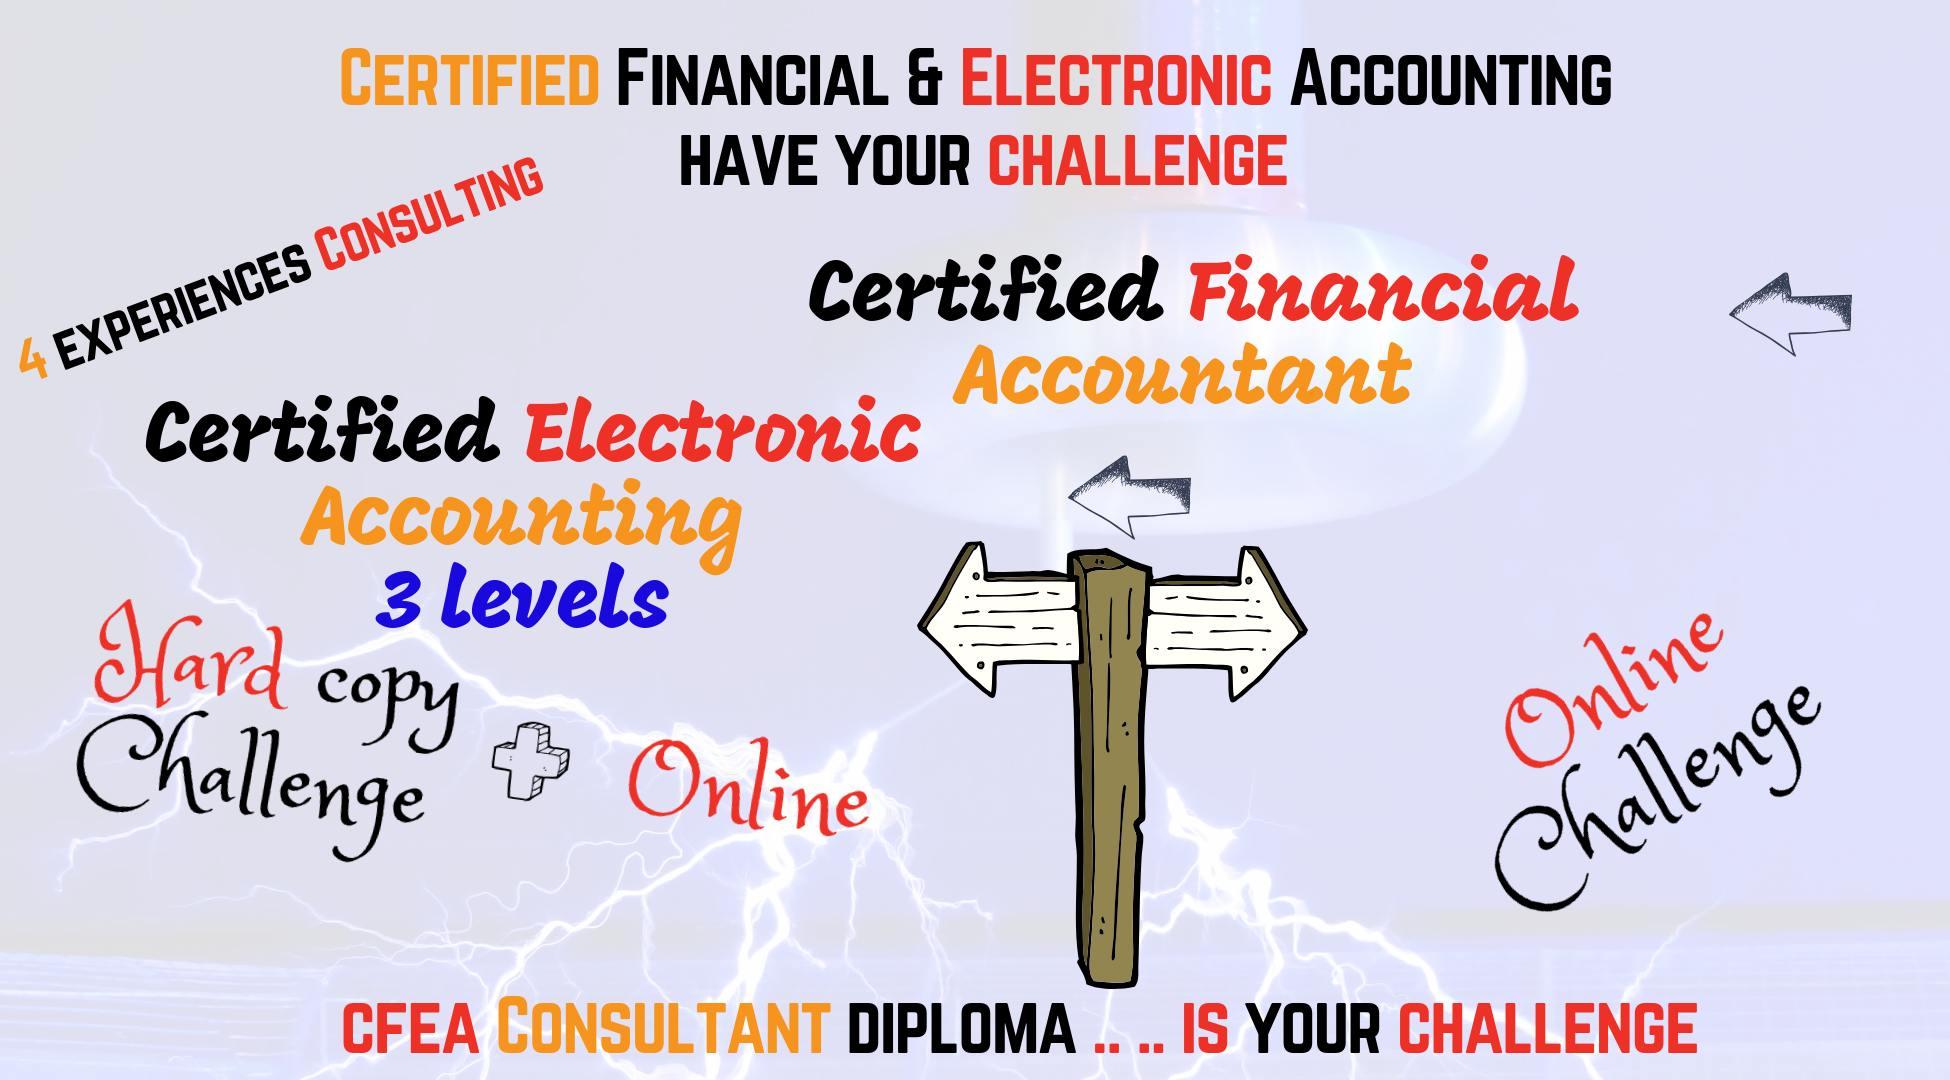 الدبلوم المهنى فى المحاسبه الماليه و الاليكترونيه